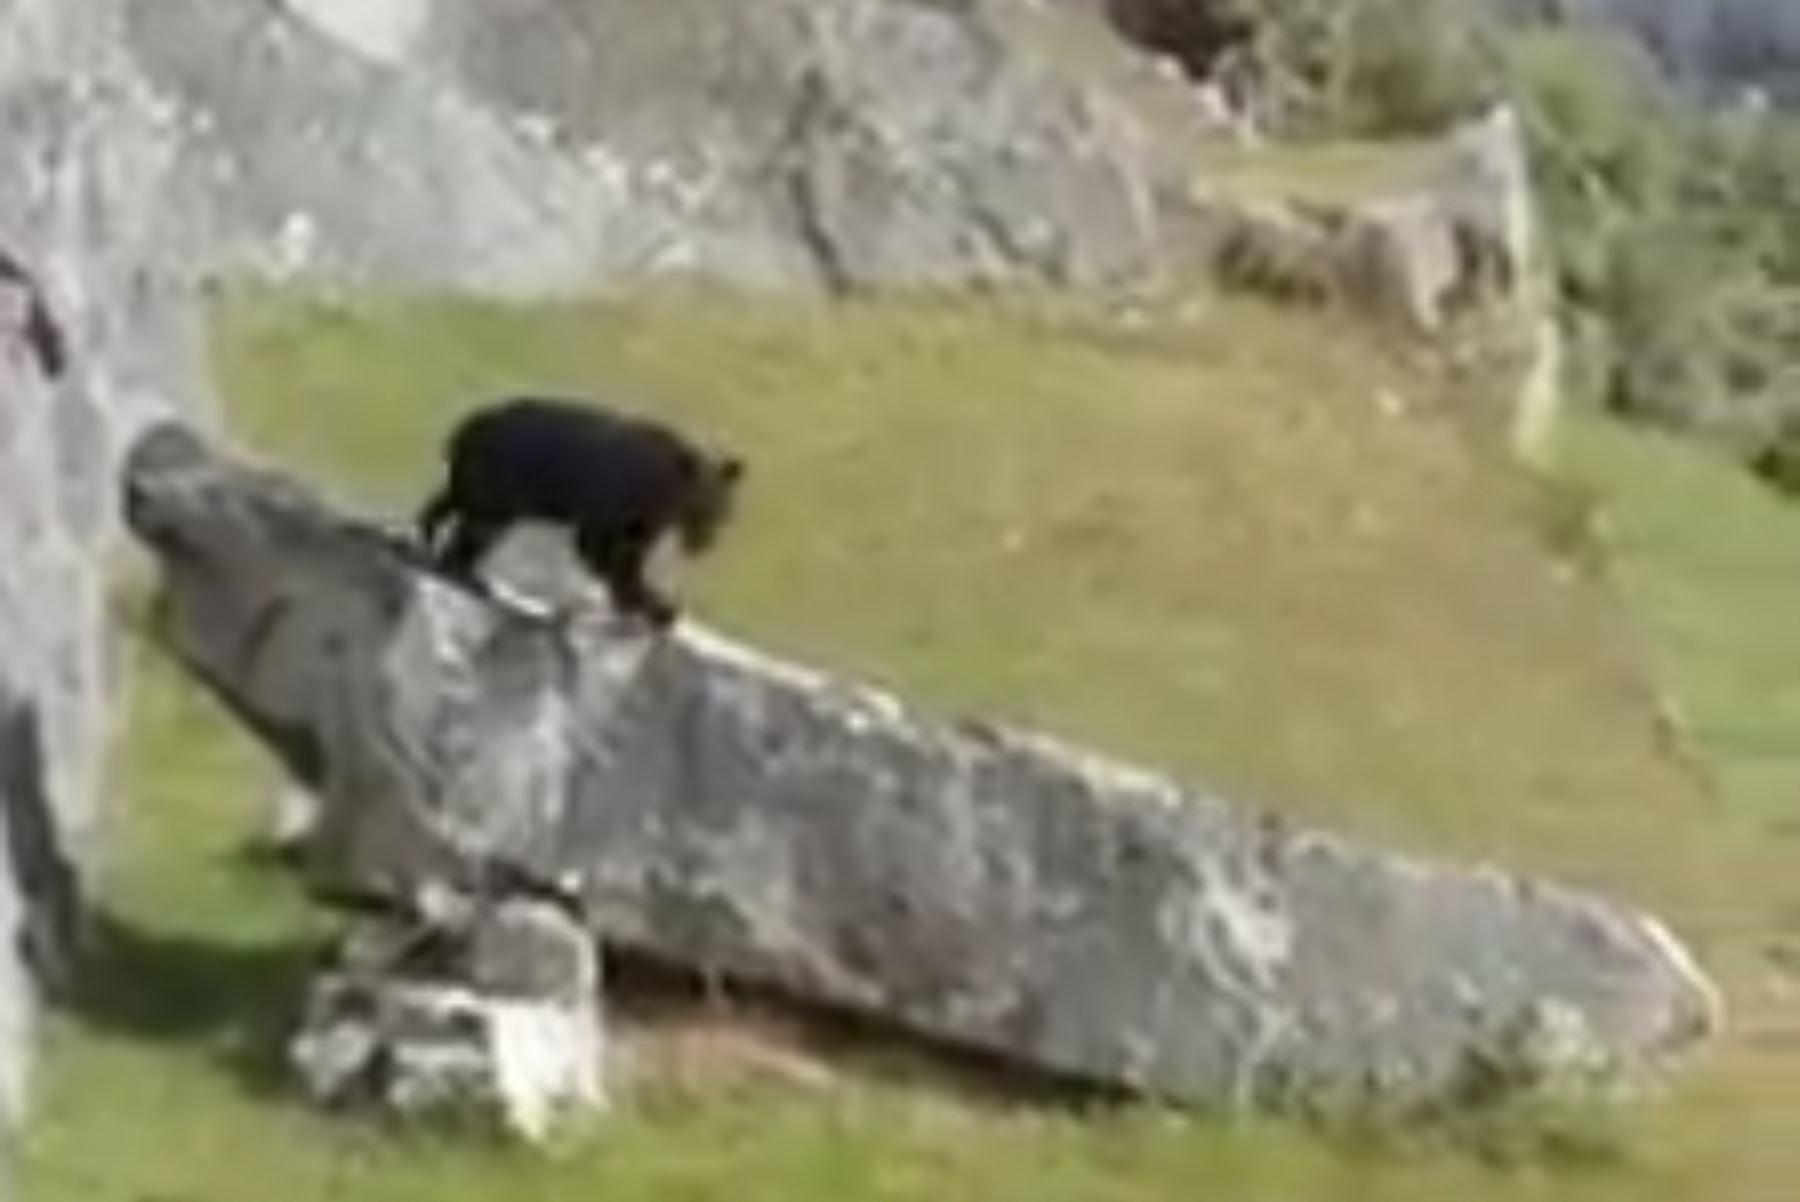 Oso andino es sensación en Facebook al aparecer en Machu Picchu. Foto: Miguel Ángel Córdova Vargas/Facebook